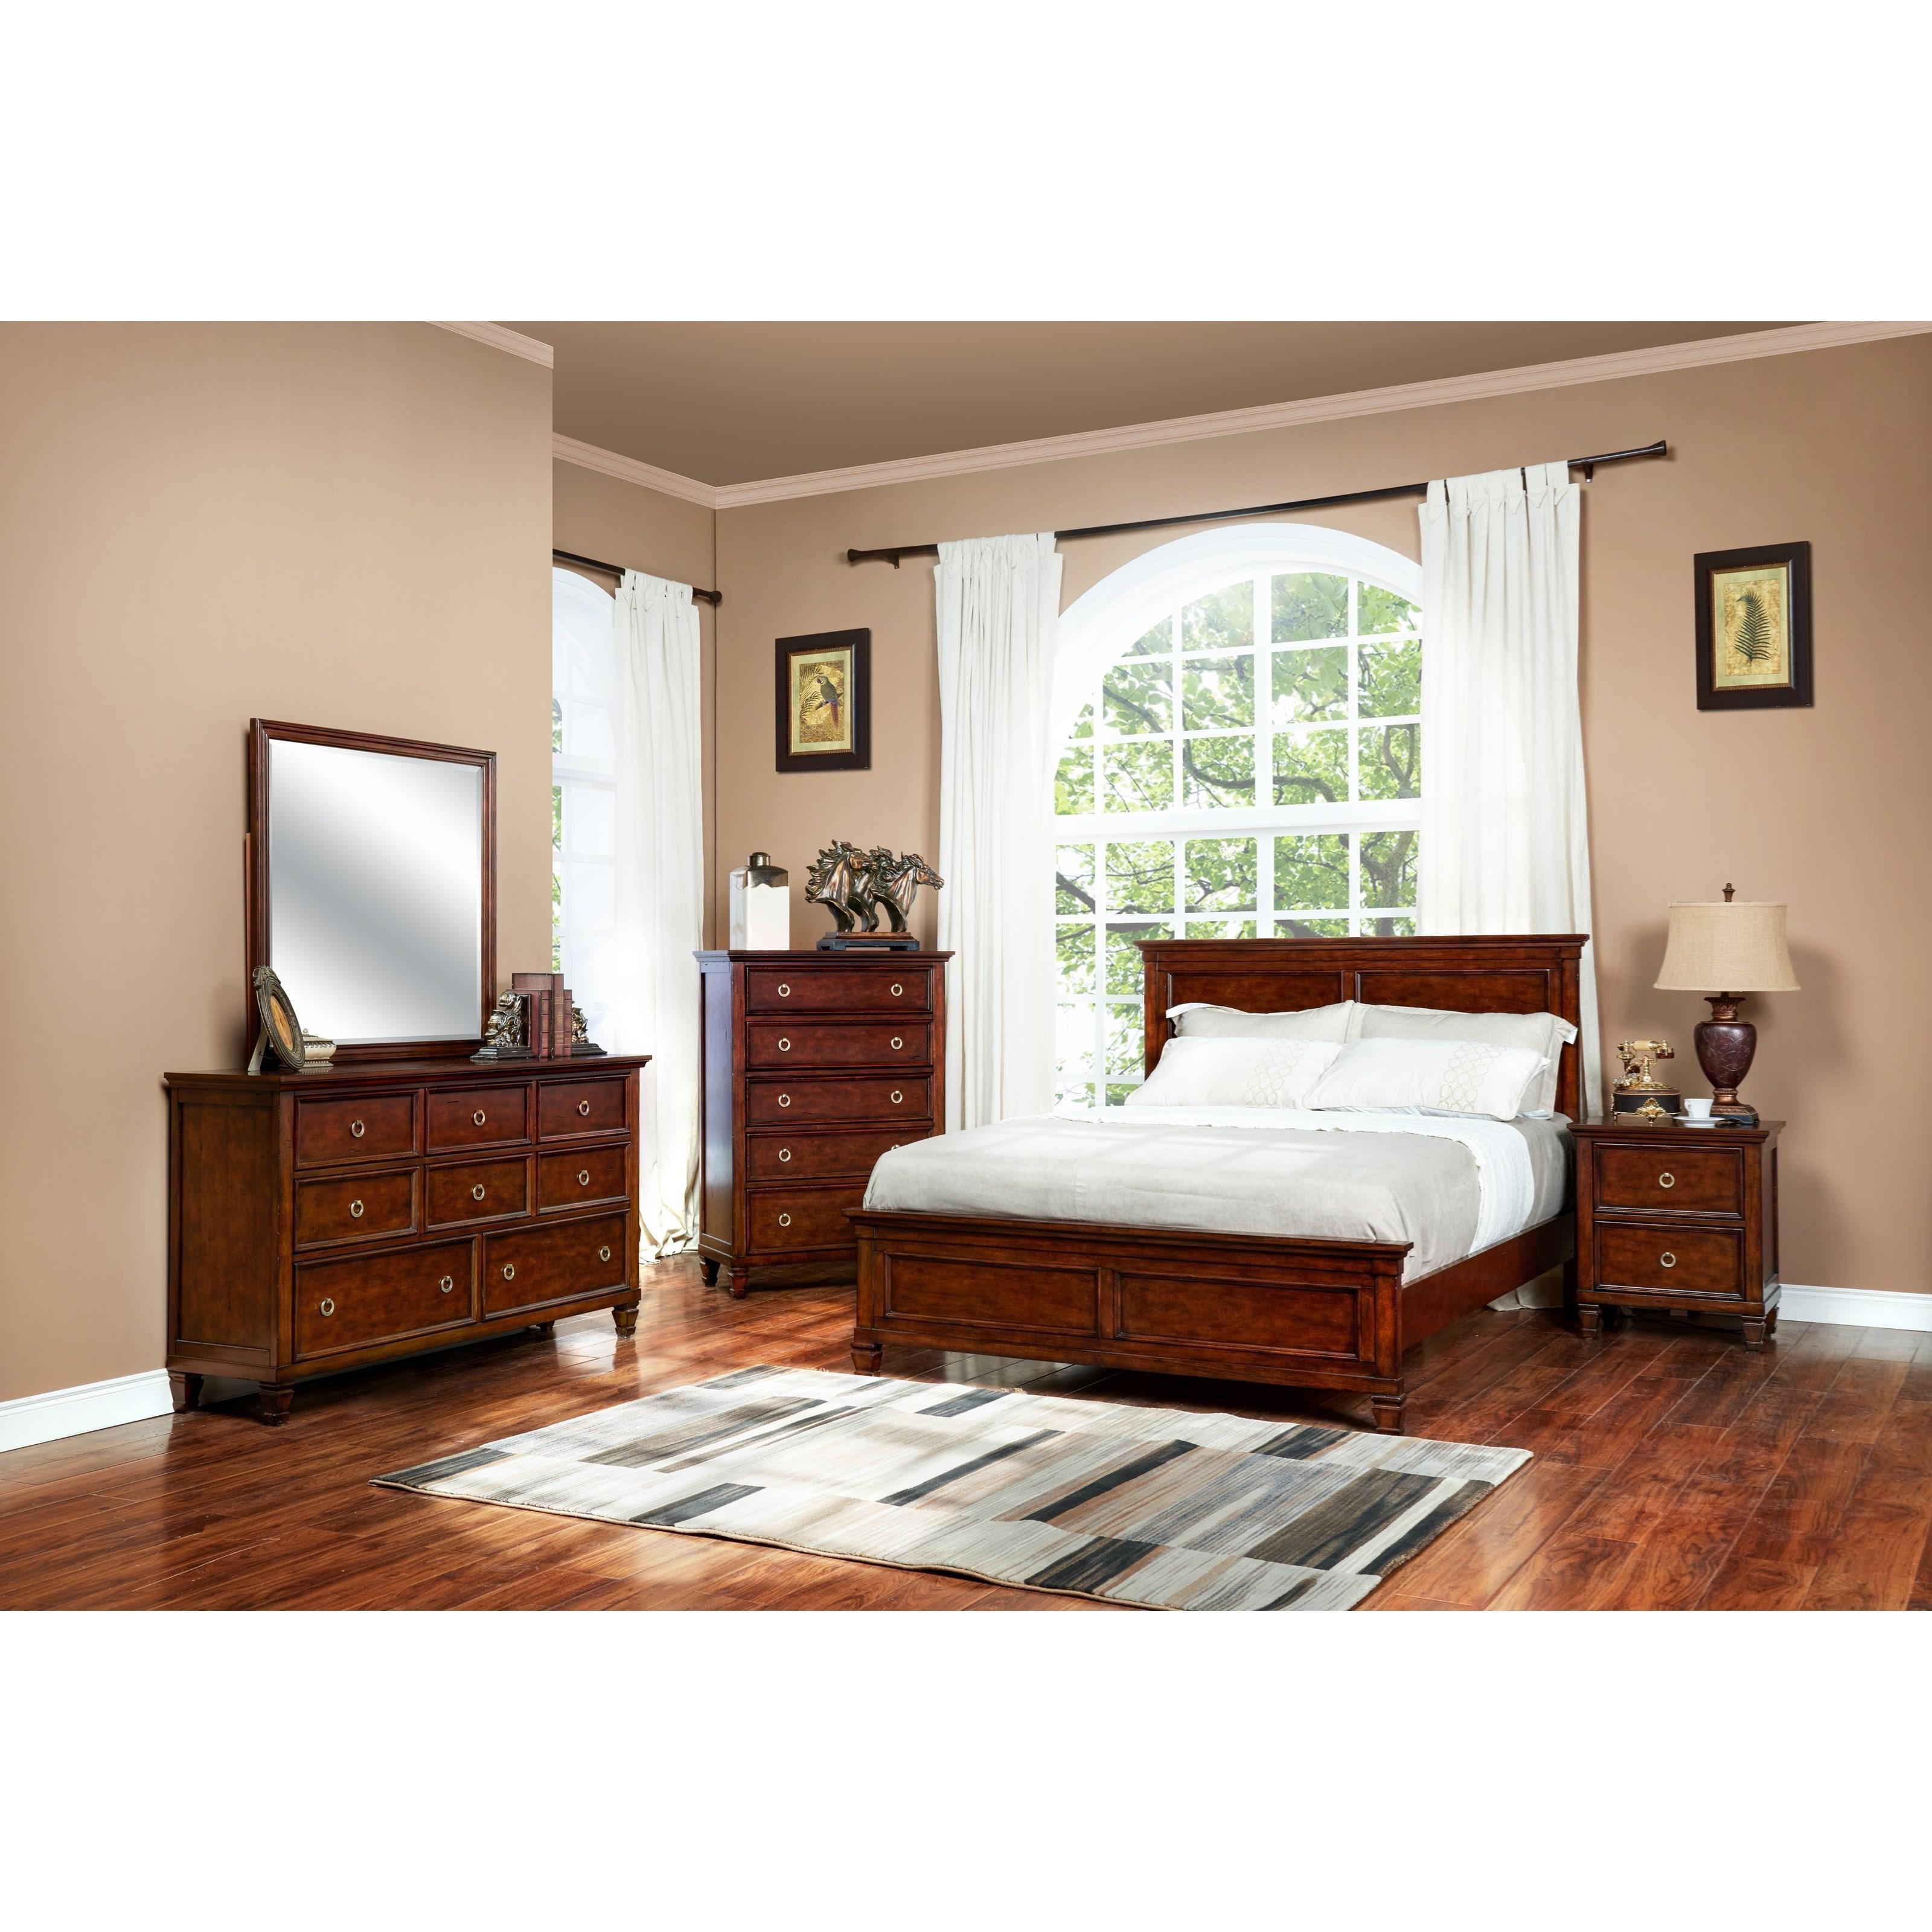 Cherry Queen Panel Bed, Dresser, Mirror & nightstand